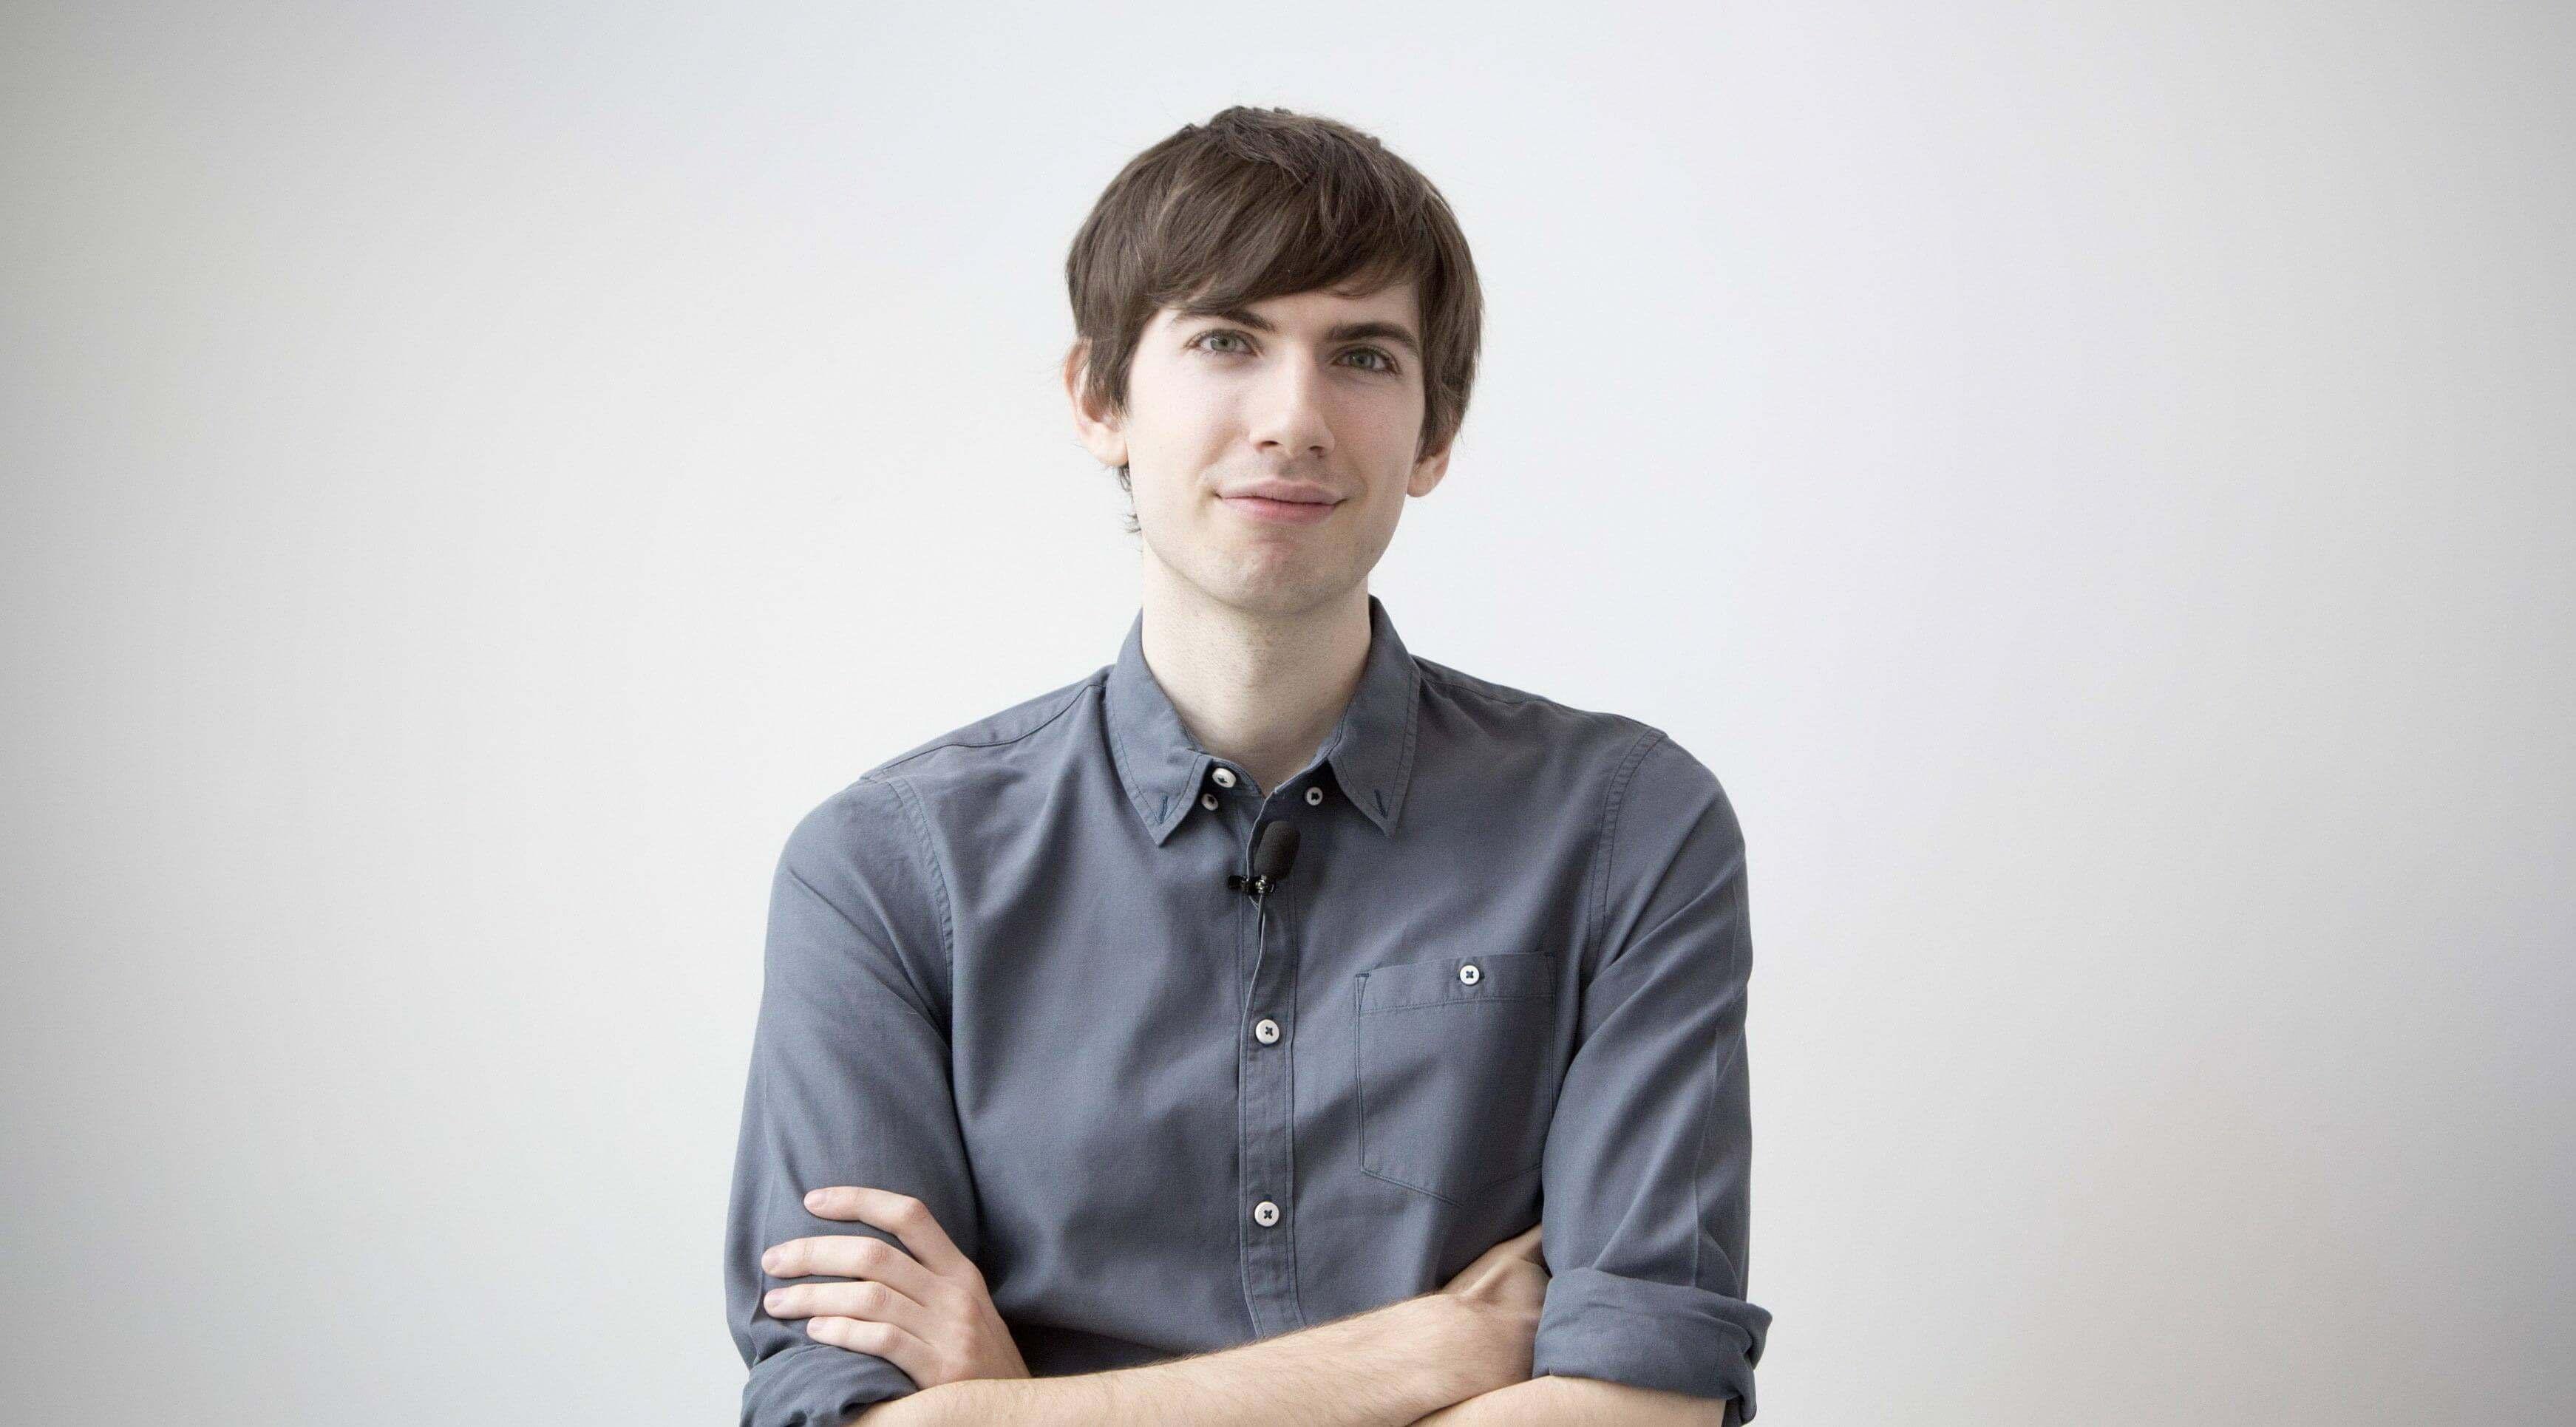 أفيد كارب: مؤسس موقع تومبلر